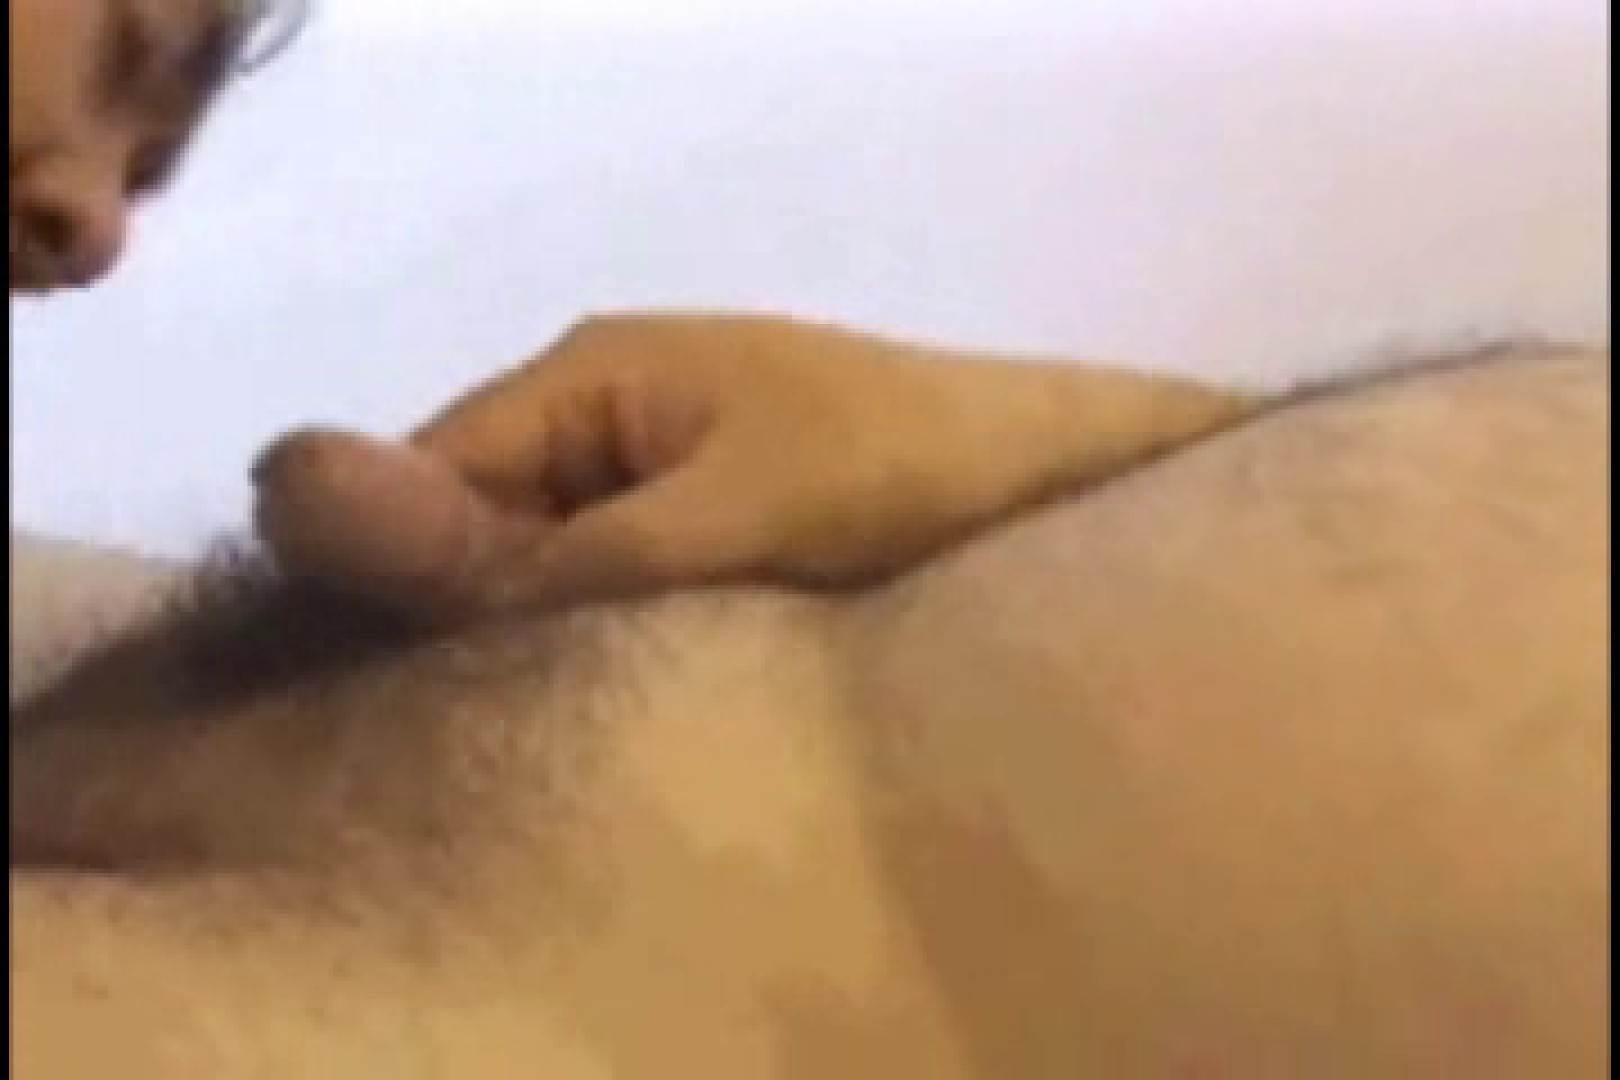 中年旦那の発情記 オナニー ゲイエロ動画 72pic 22